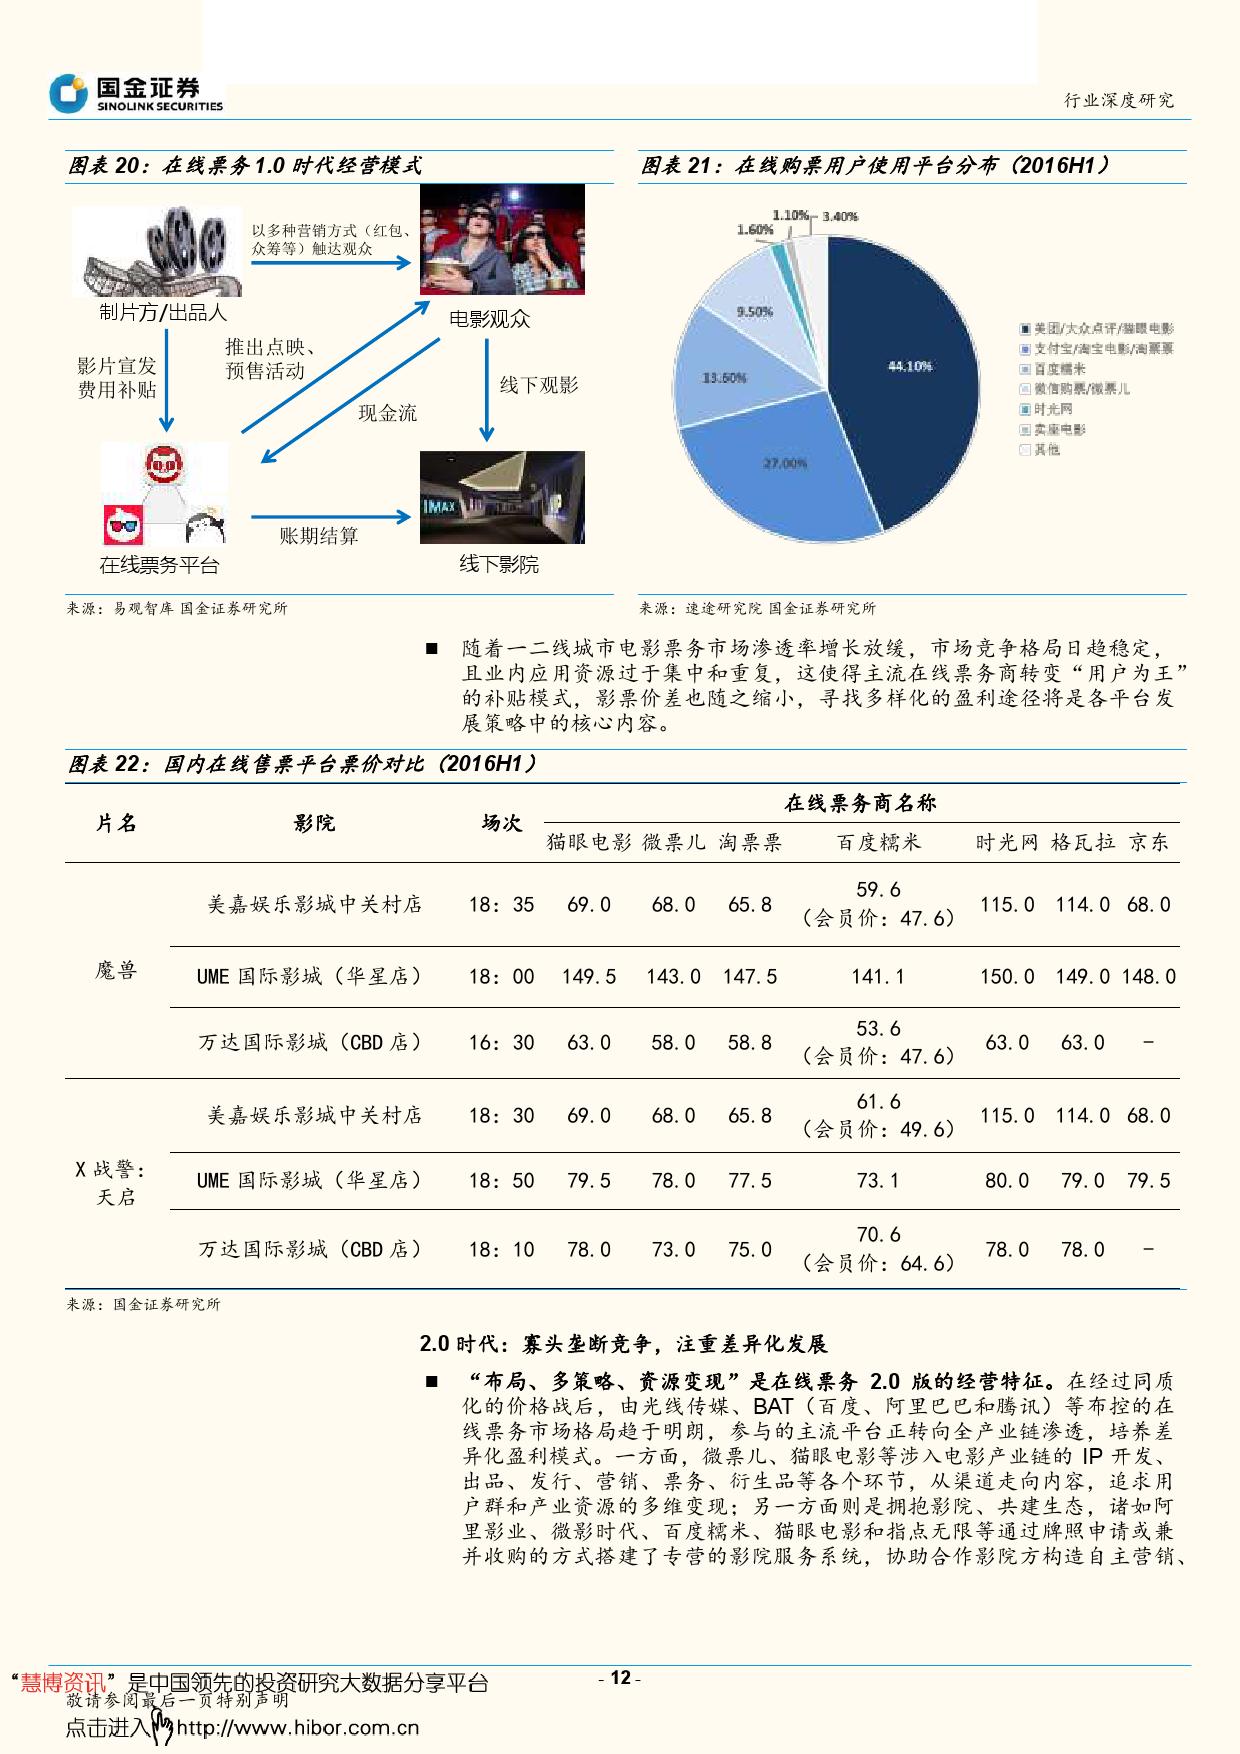 传媒互联网行业 在线票务深度报告_000012